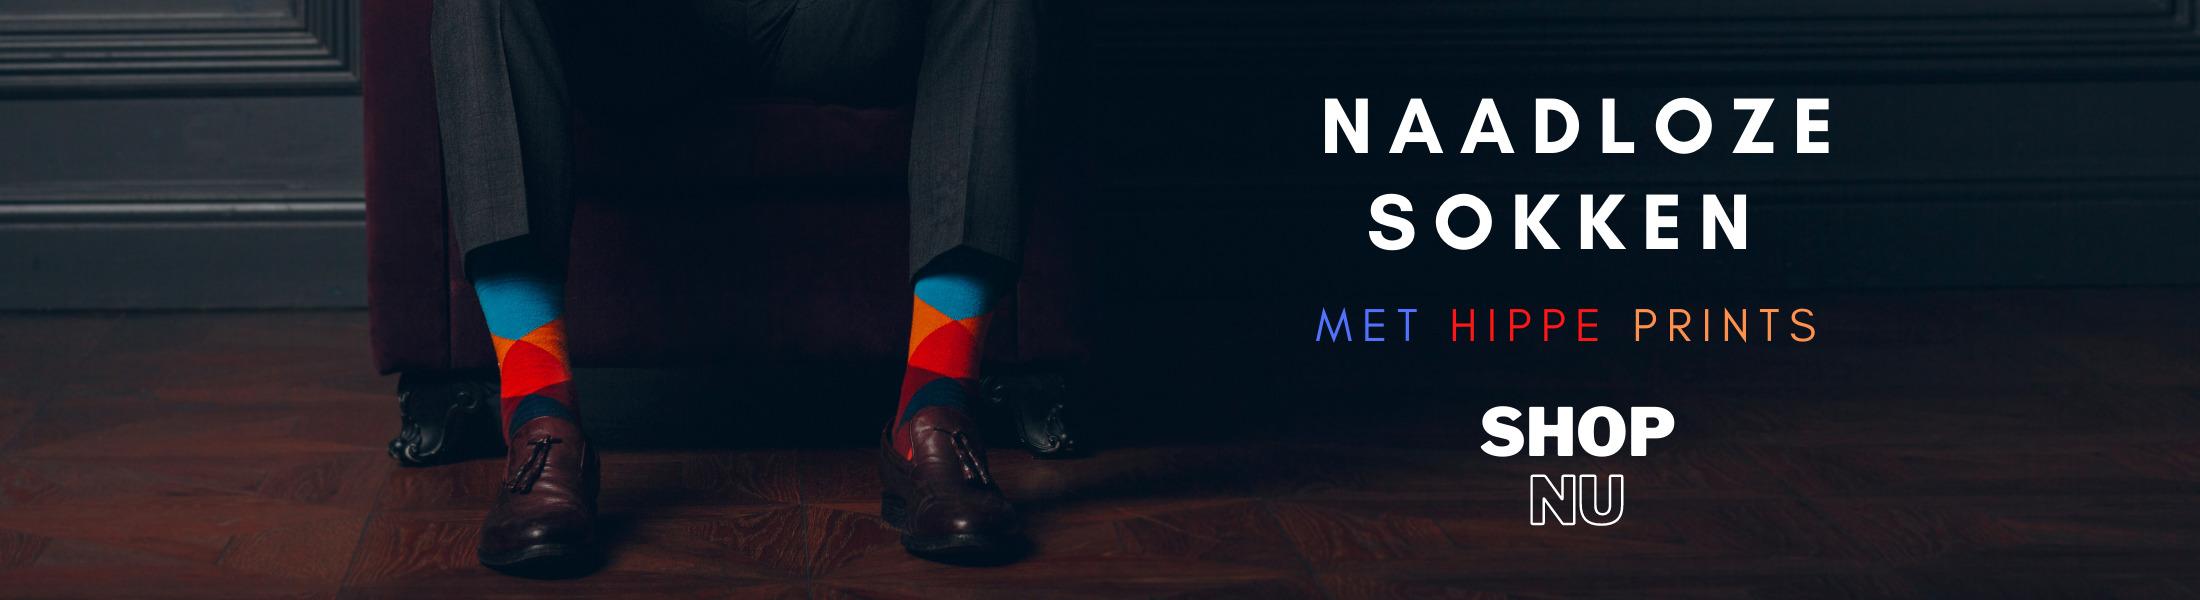 Naadloze sokken met hippe prints